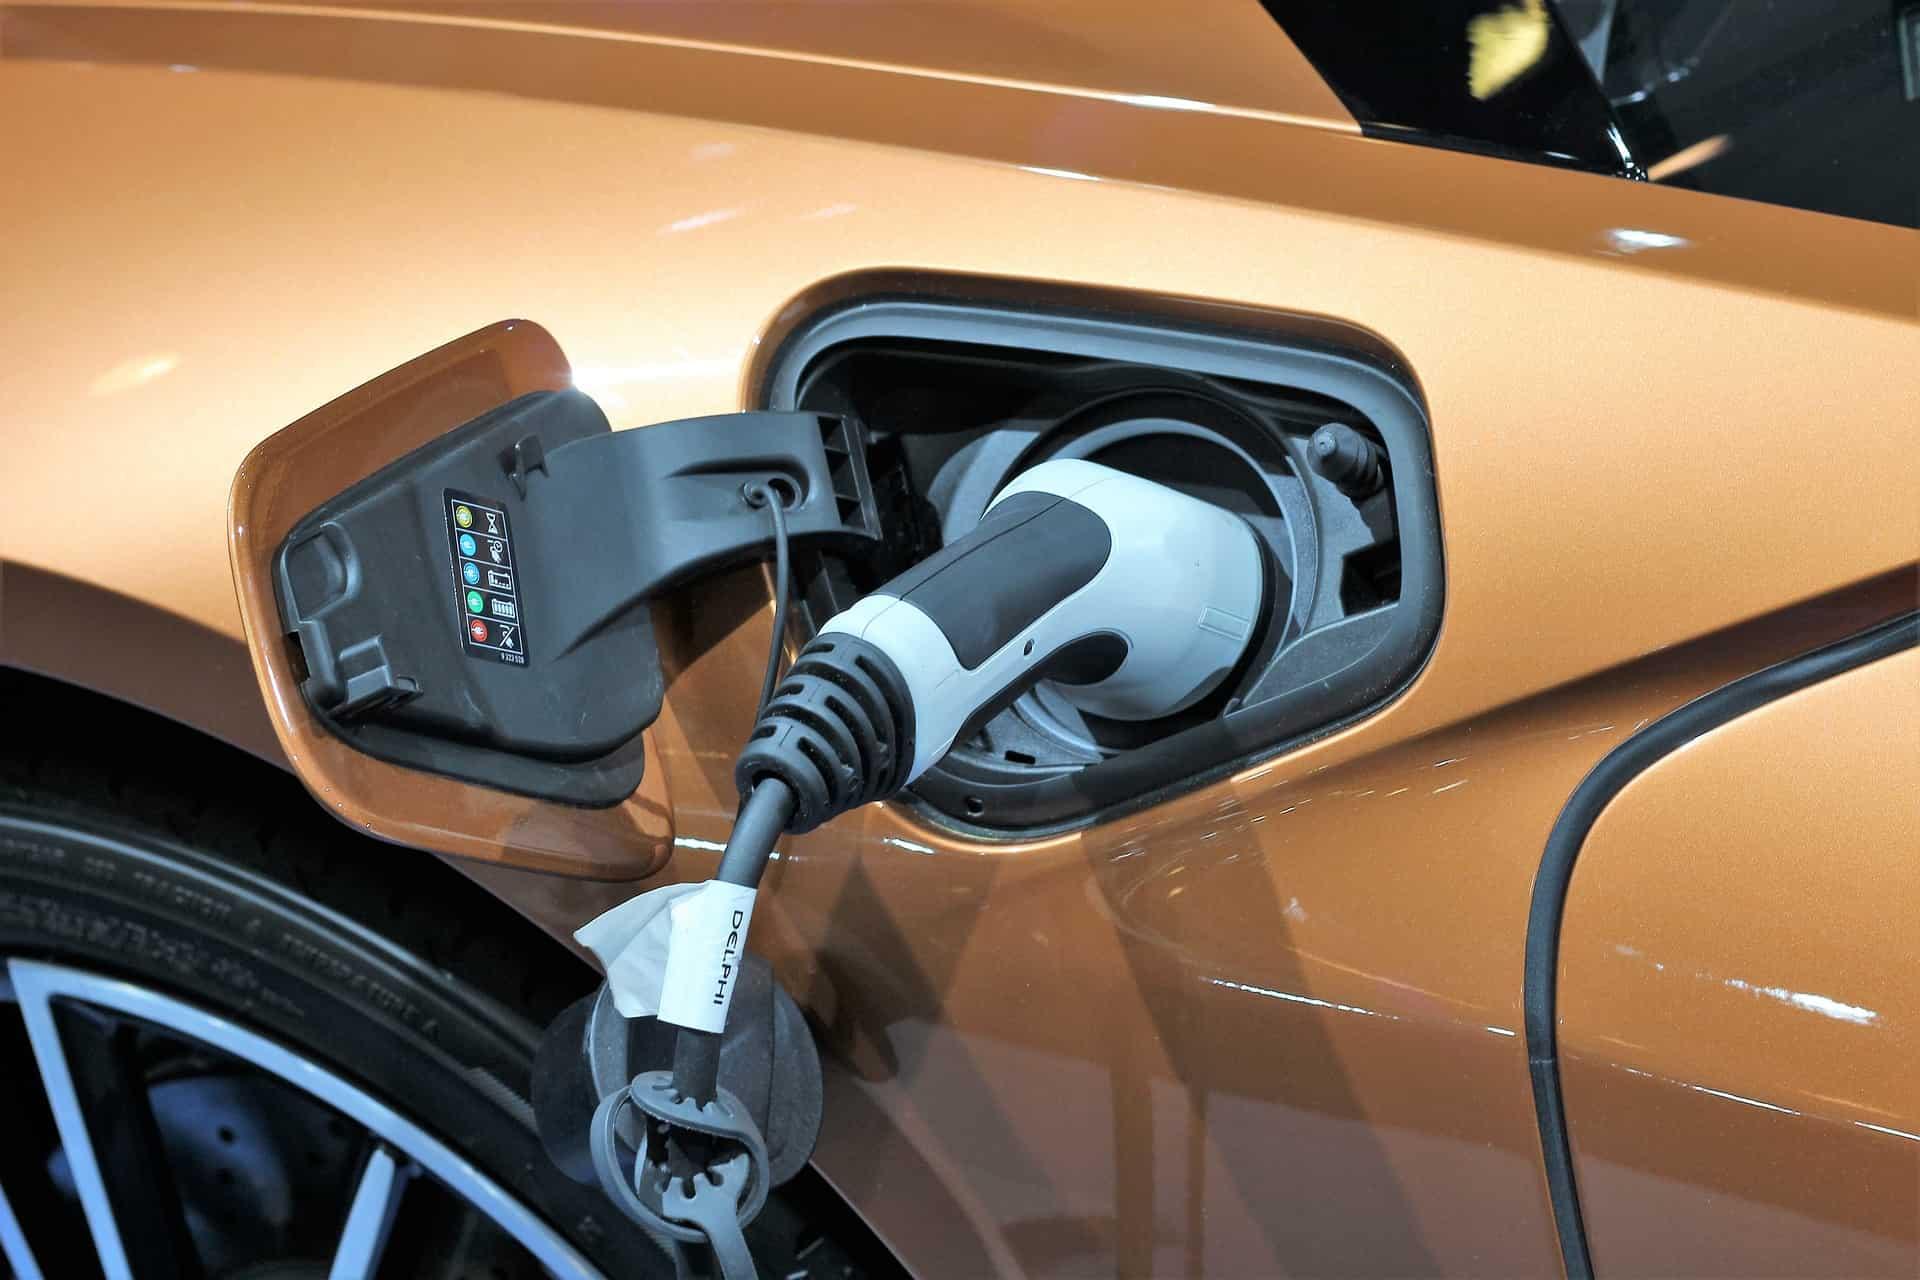 Ładowanie samochodu elektrycznego - wtyczka